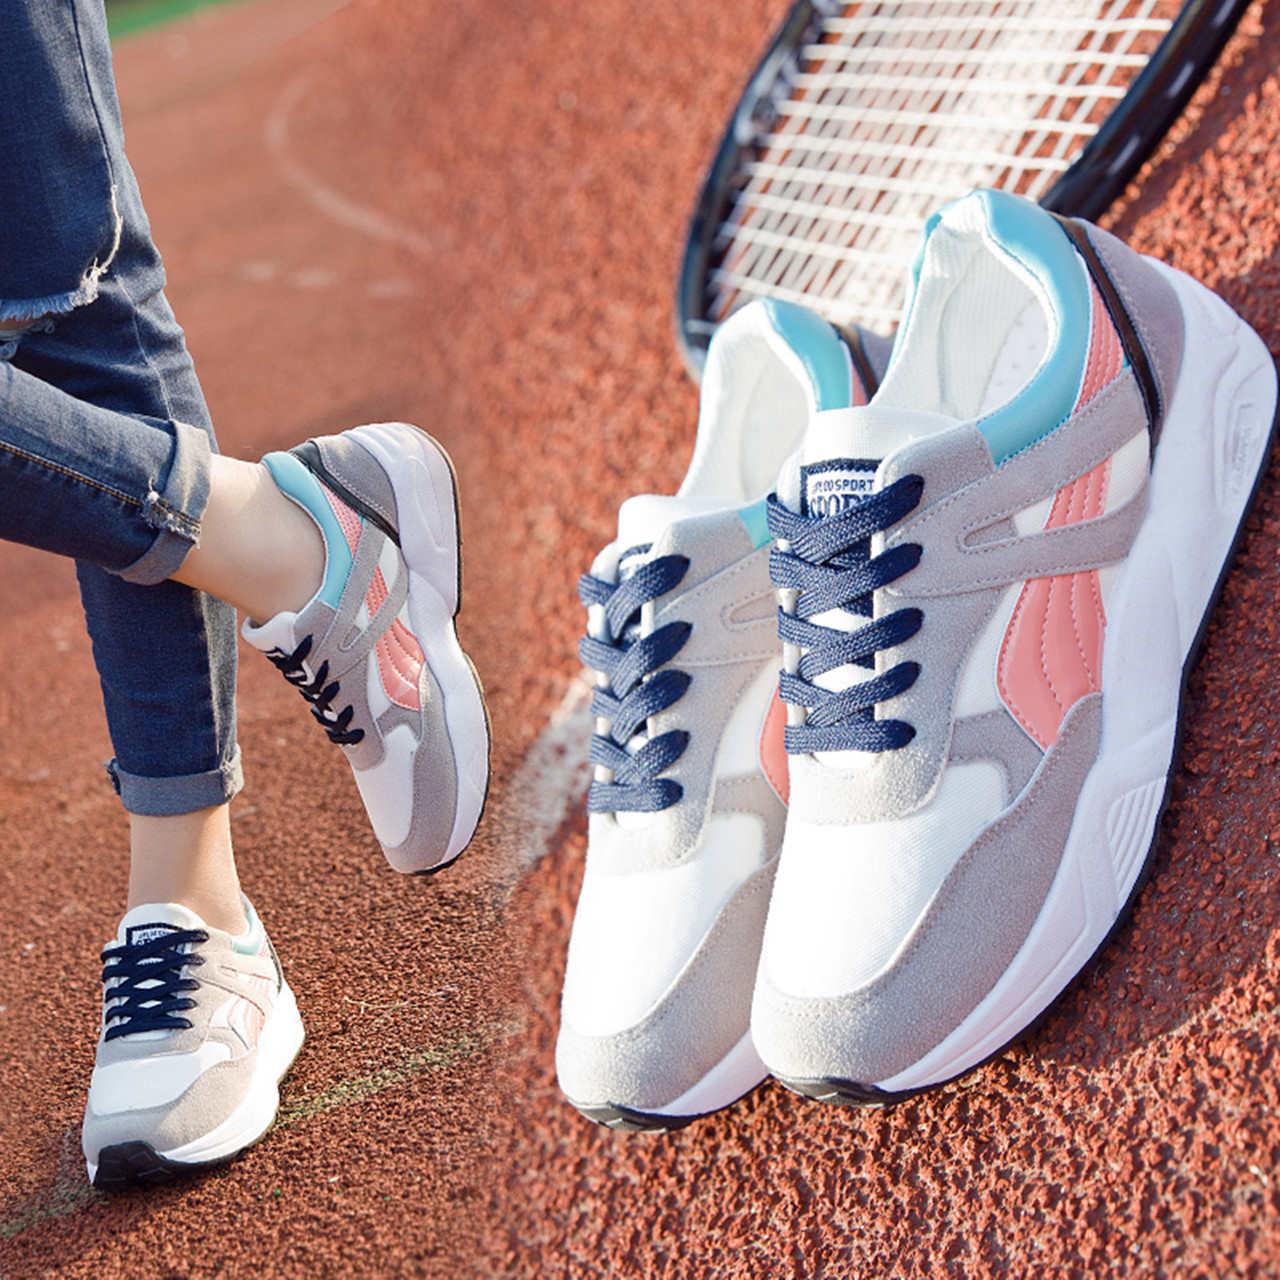 Ins спортивной обуви женщина корейский харадзюку ulzzang зима 2017 новая девушка обувной дикий плюс бархат превышать пожар туфли